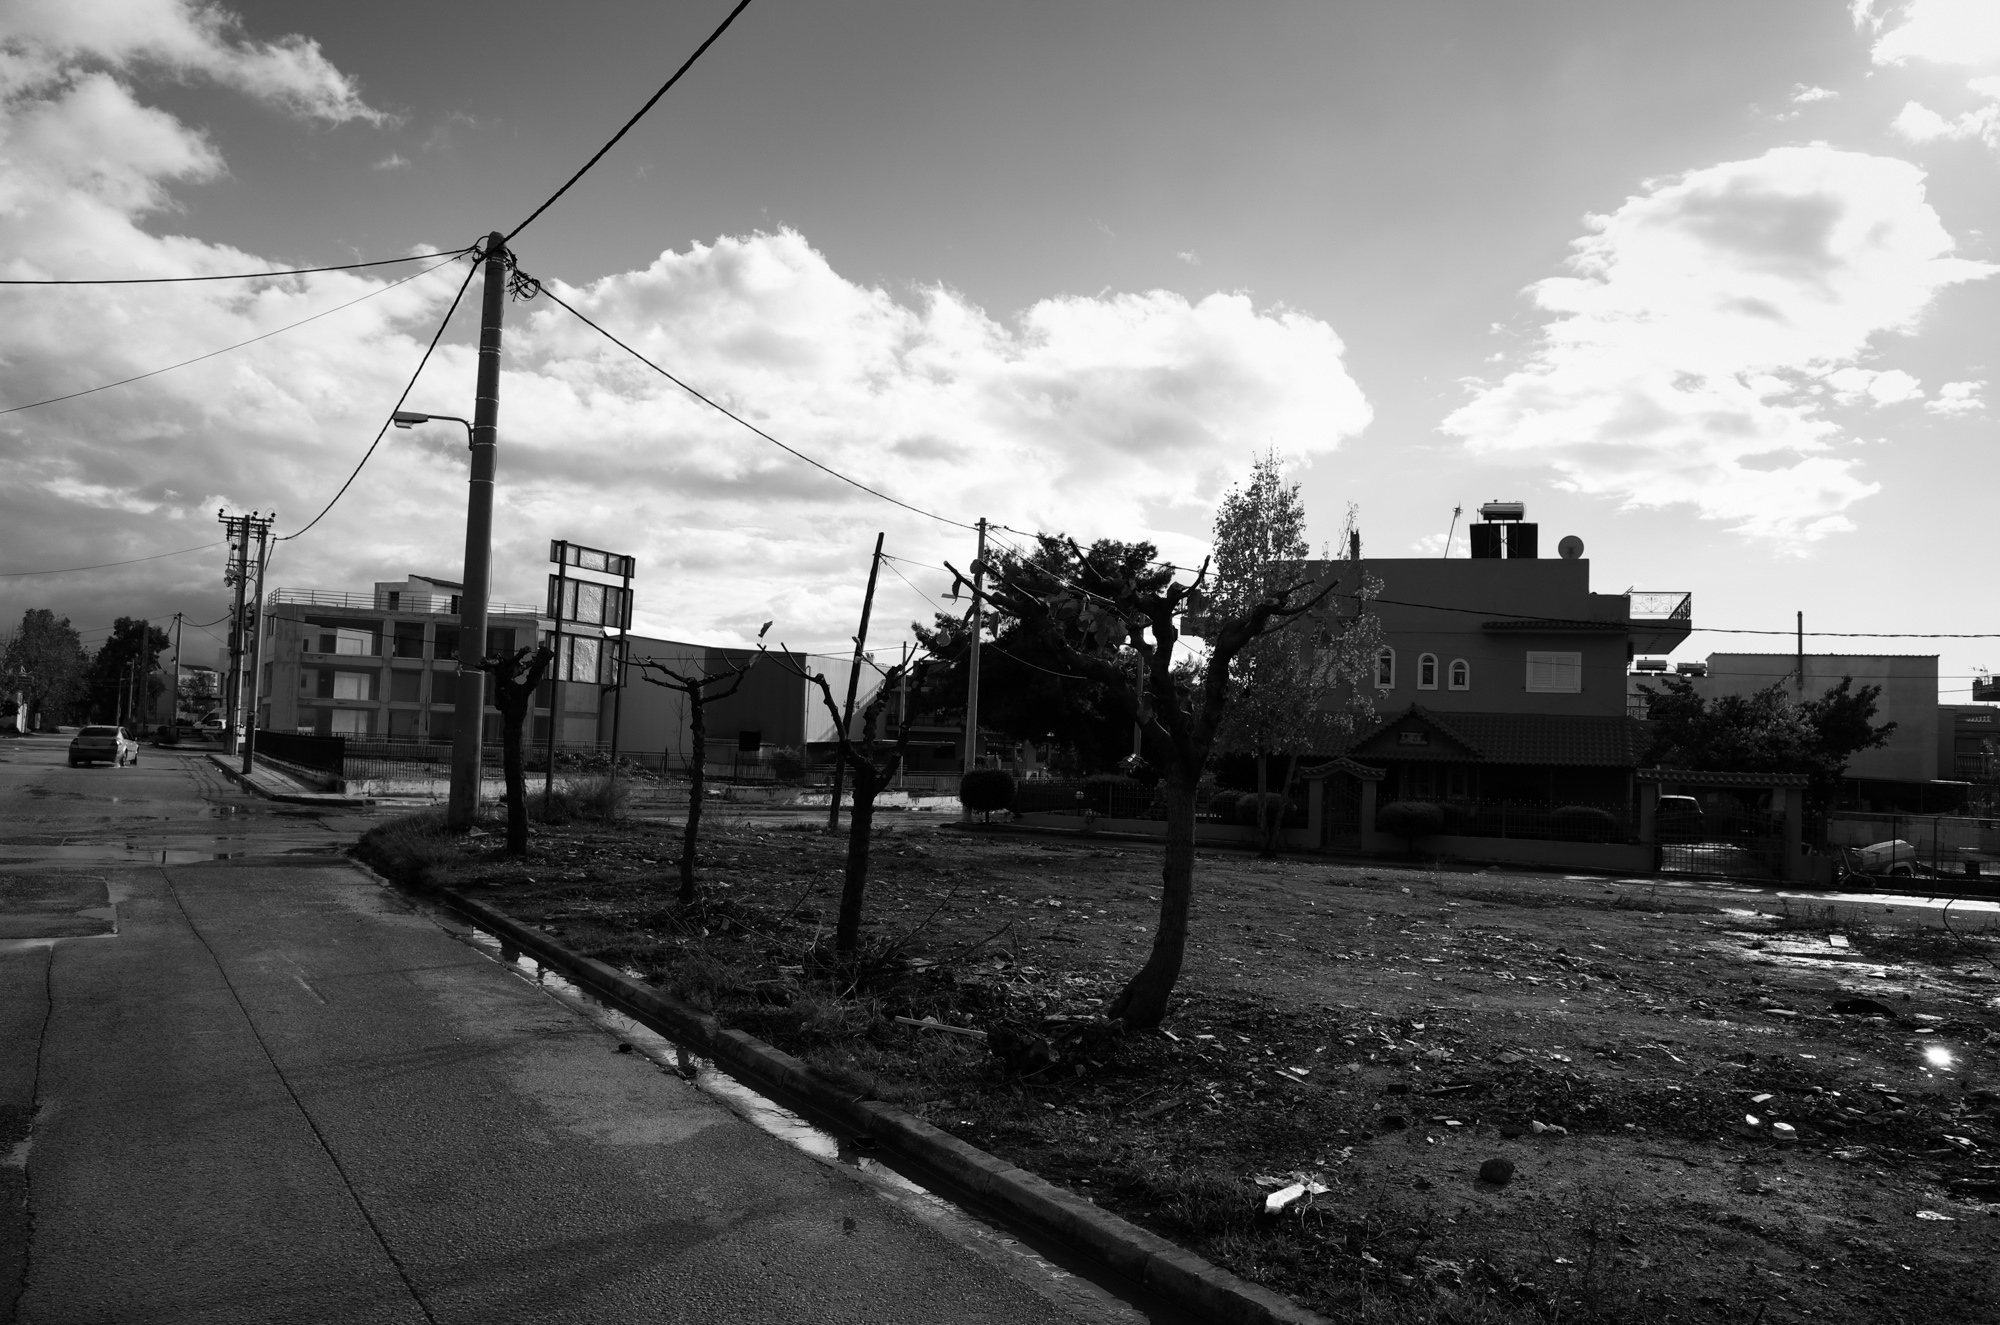 μαύρο γκέτο μουνί φωτογραφίες